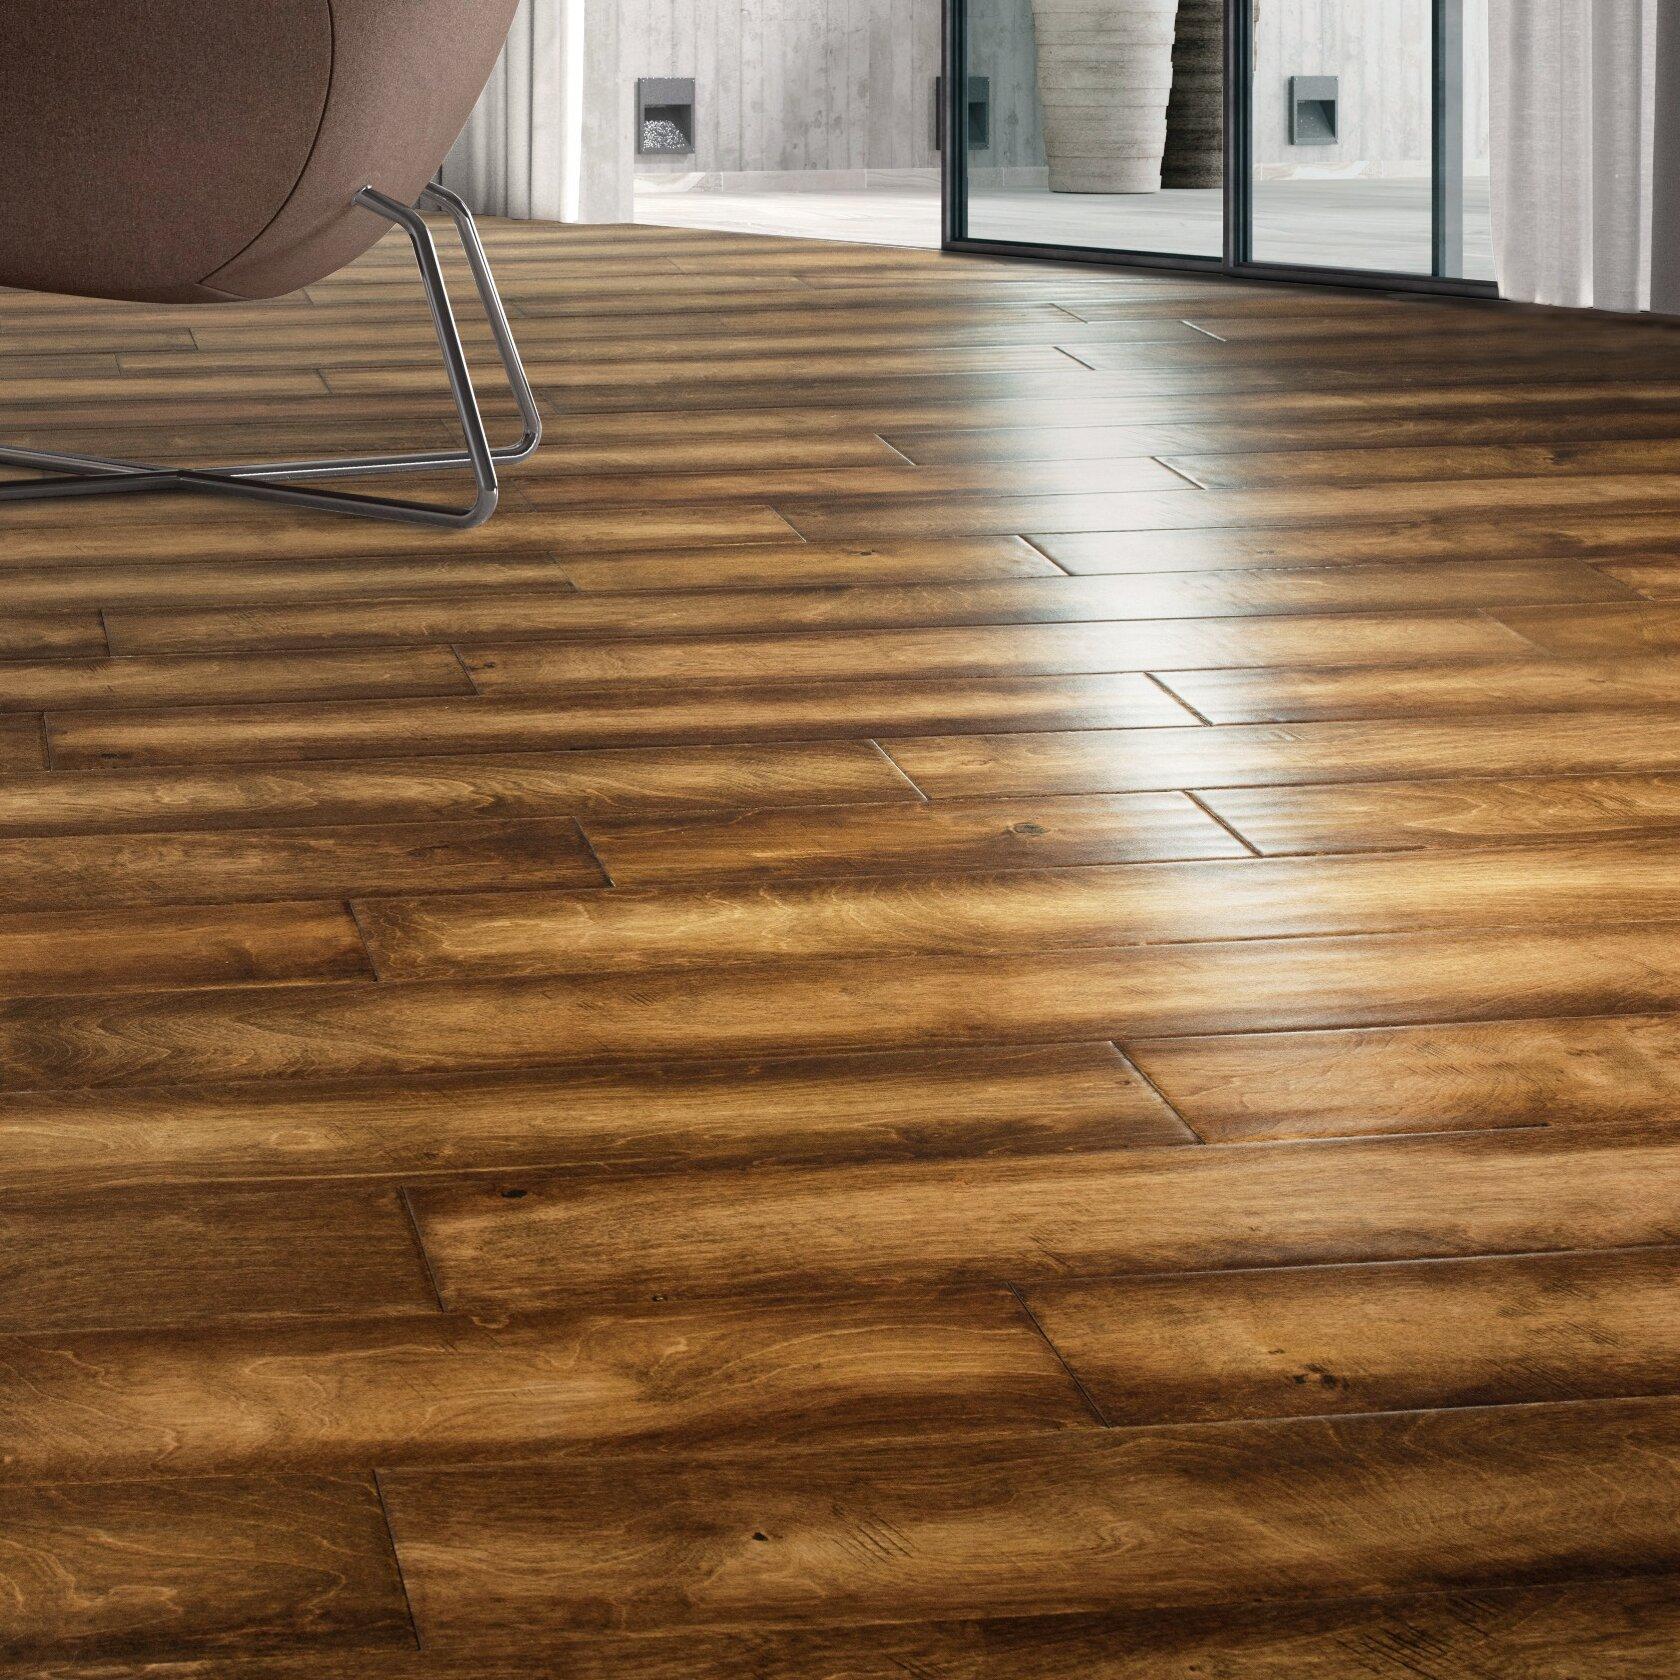 Branton Flooring Collection Munich Birch 3 8 Thick X 5 Wide X